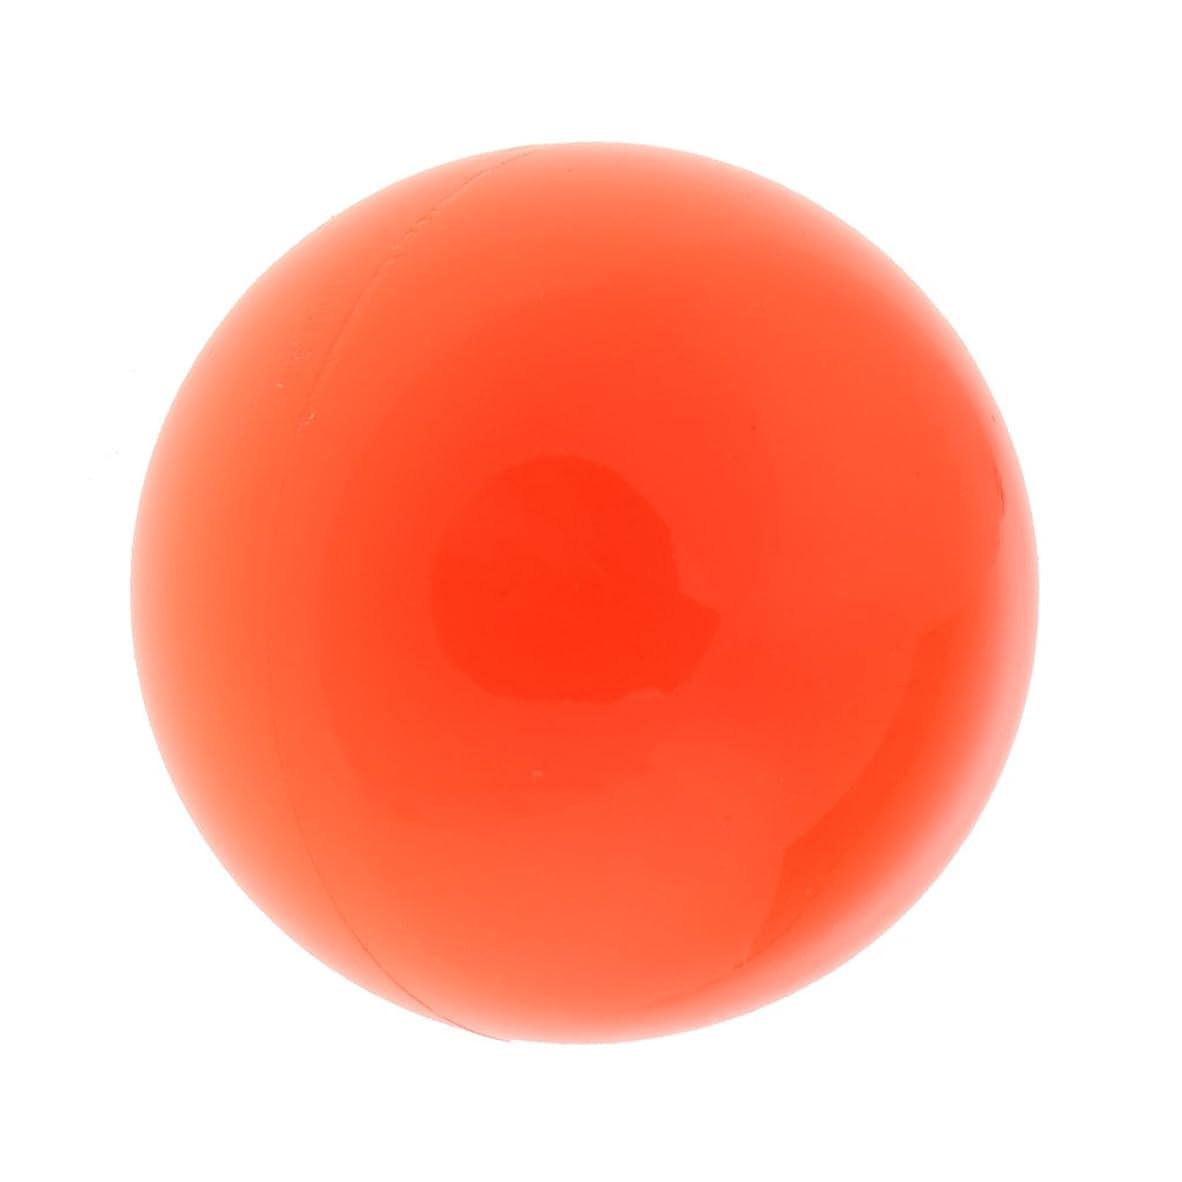 革命的オーバーヘッドアロングSONONIA マッサージボール エコフレンドリーPVC 74mm マッサージ ポイントマッサージ ボール ソフト トレーニング